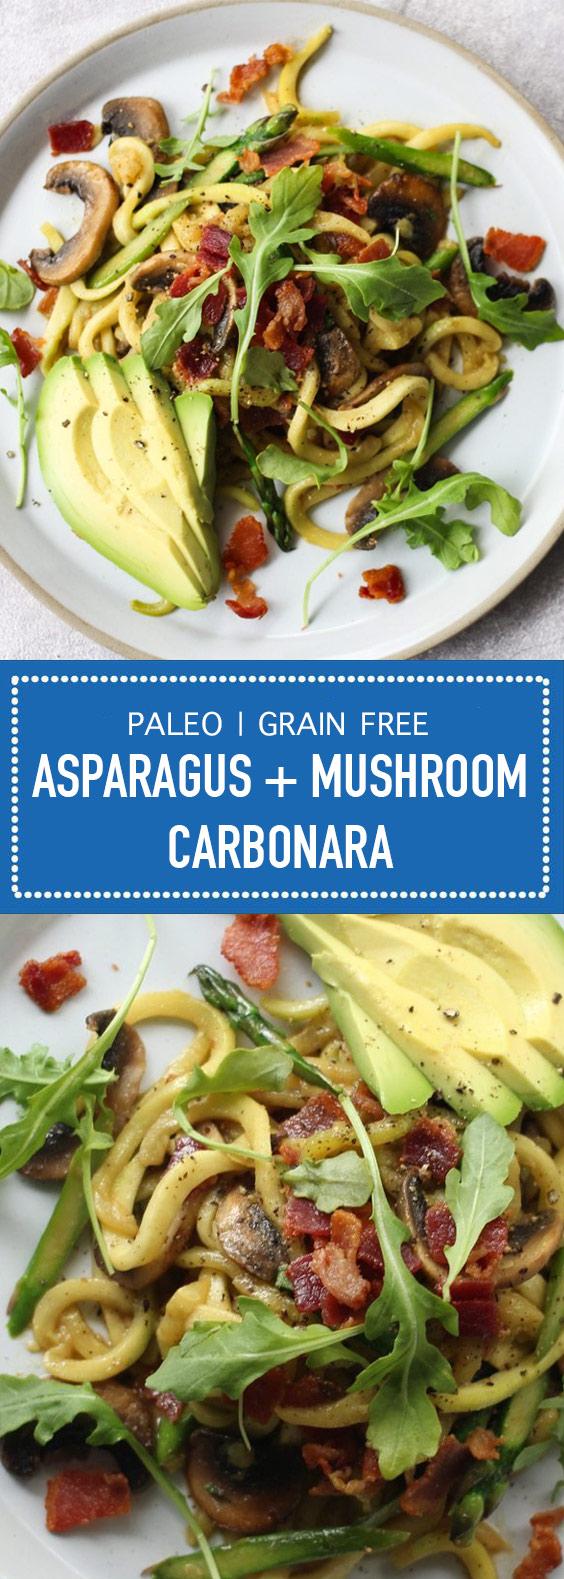 Asparagus + Mushroom Carbonara (Paleo & Grain Free)